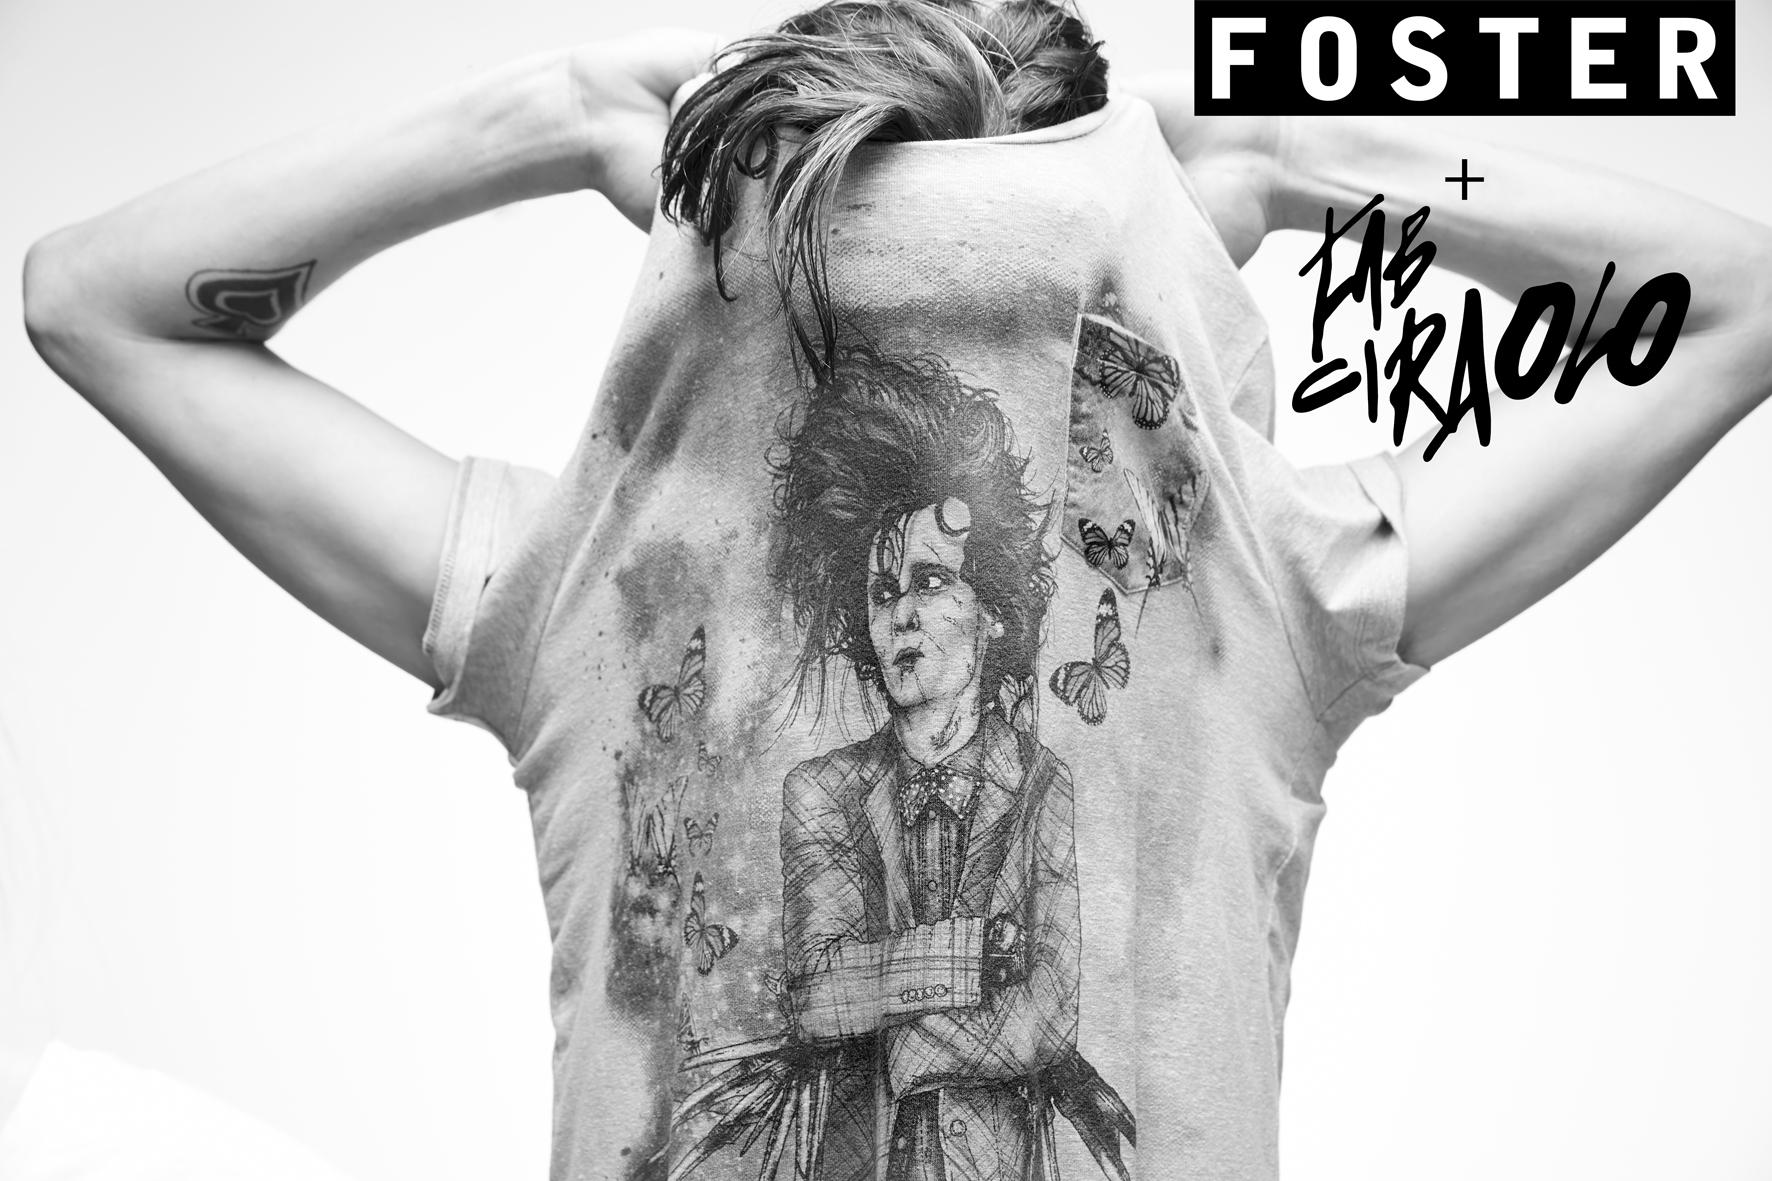 Foster se une al ilustrador nacional Fab Ciraolo